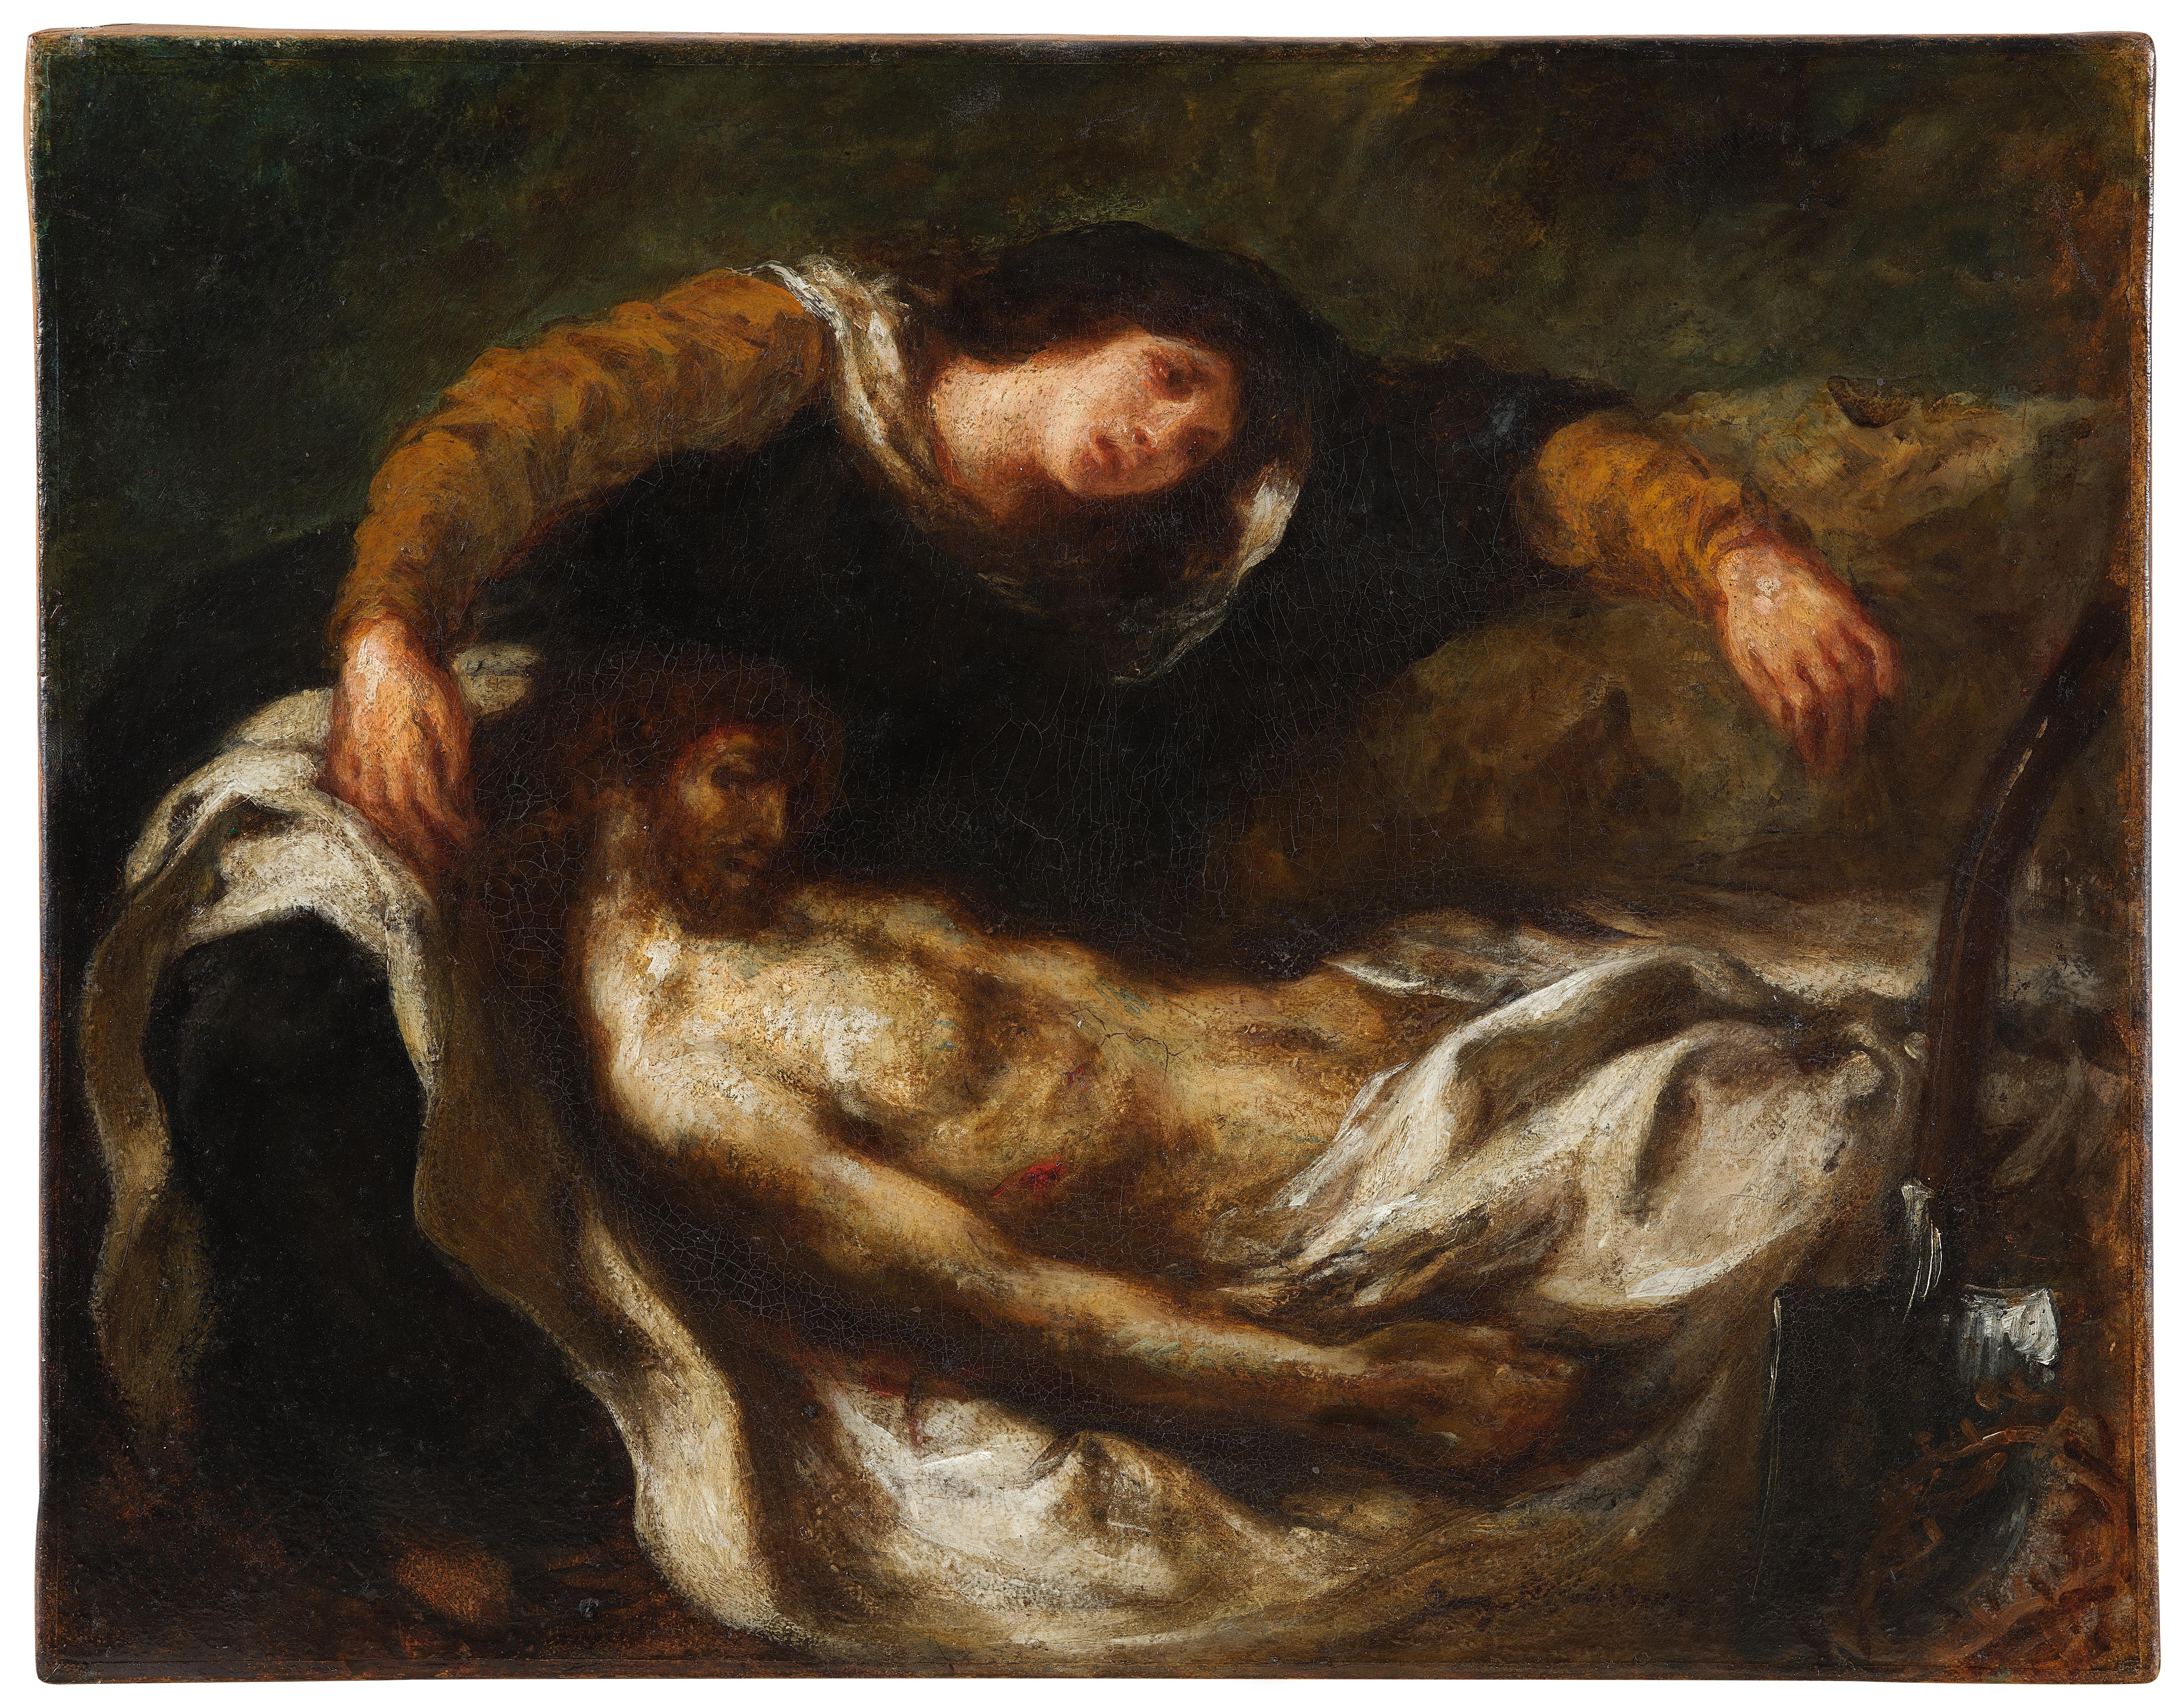 Vente Tableaux dont Delacroix, Bijoux, Arts Décoratifs chez Jean-Charles d'Ornano : 260 lots